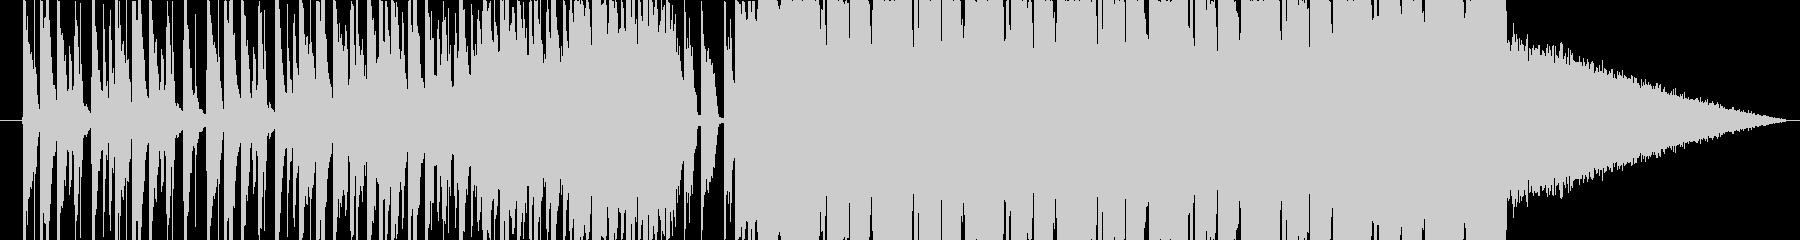 ビートが効いた爽やかなBGMショートの未再生の波形